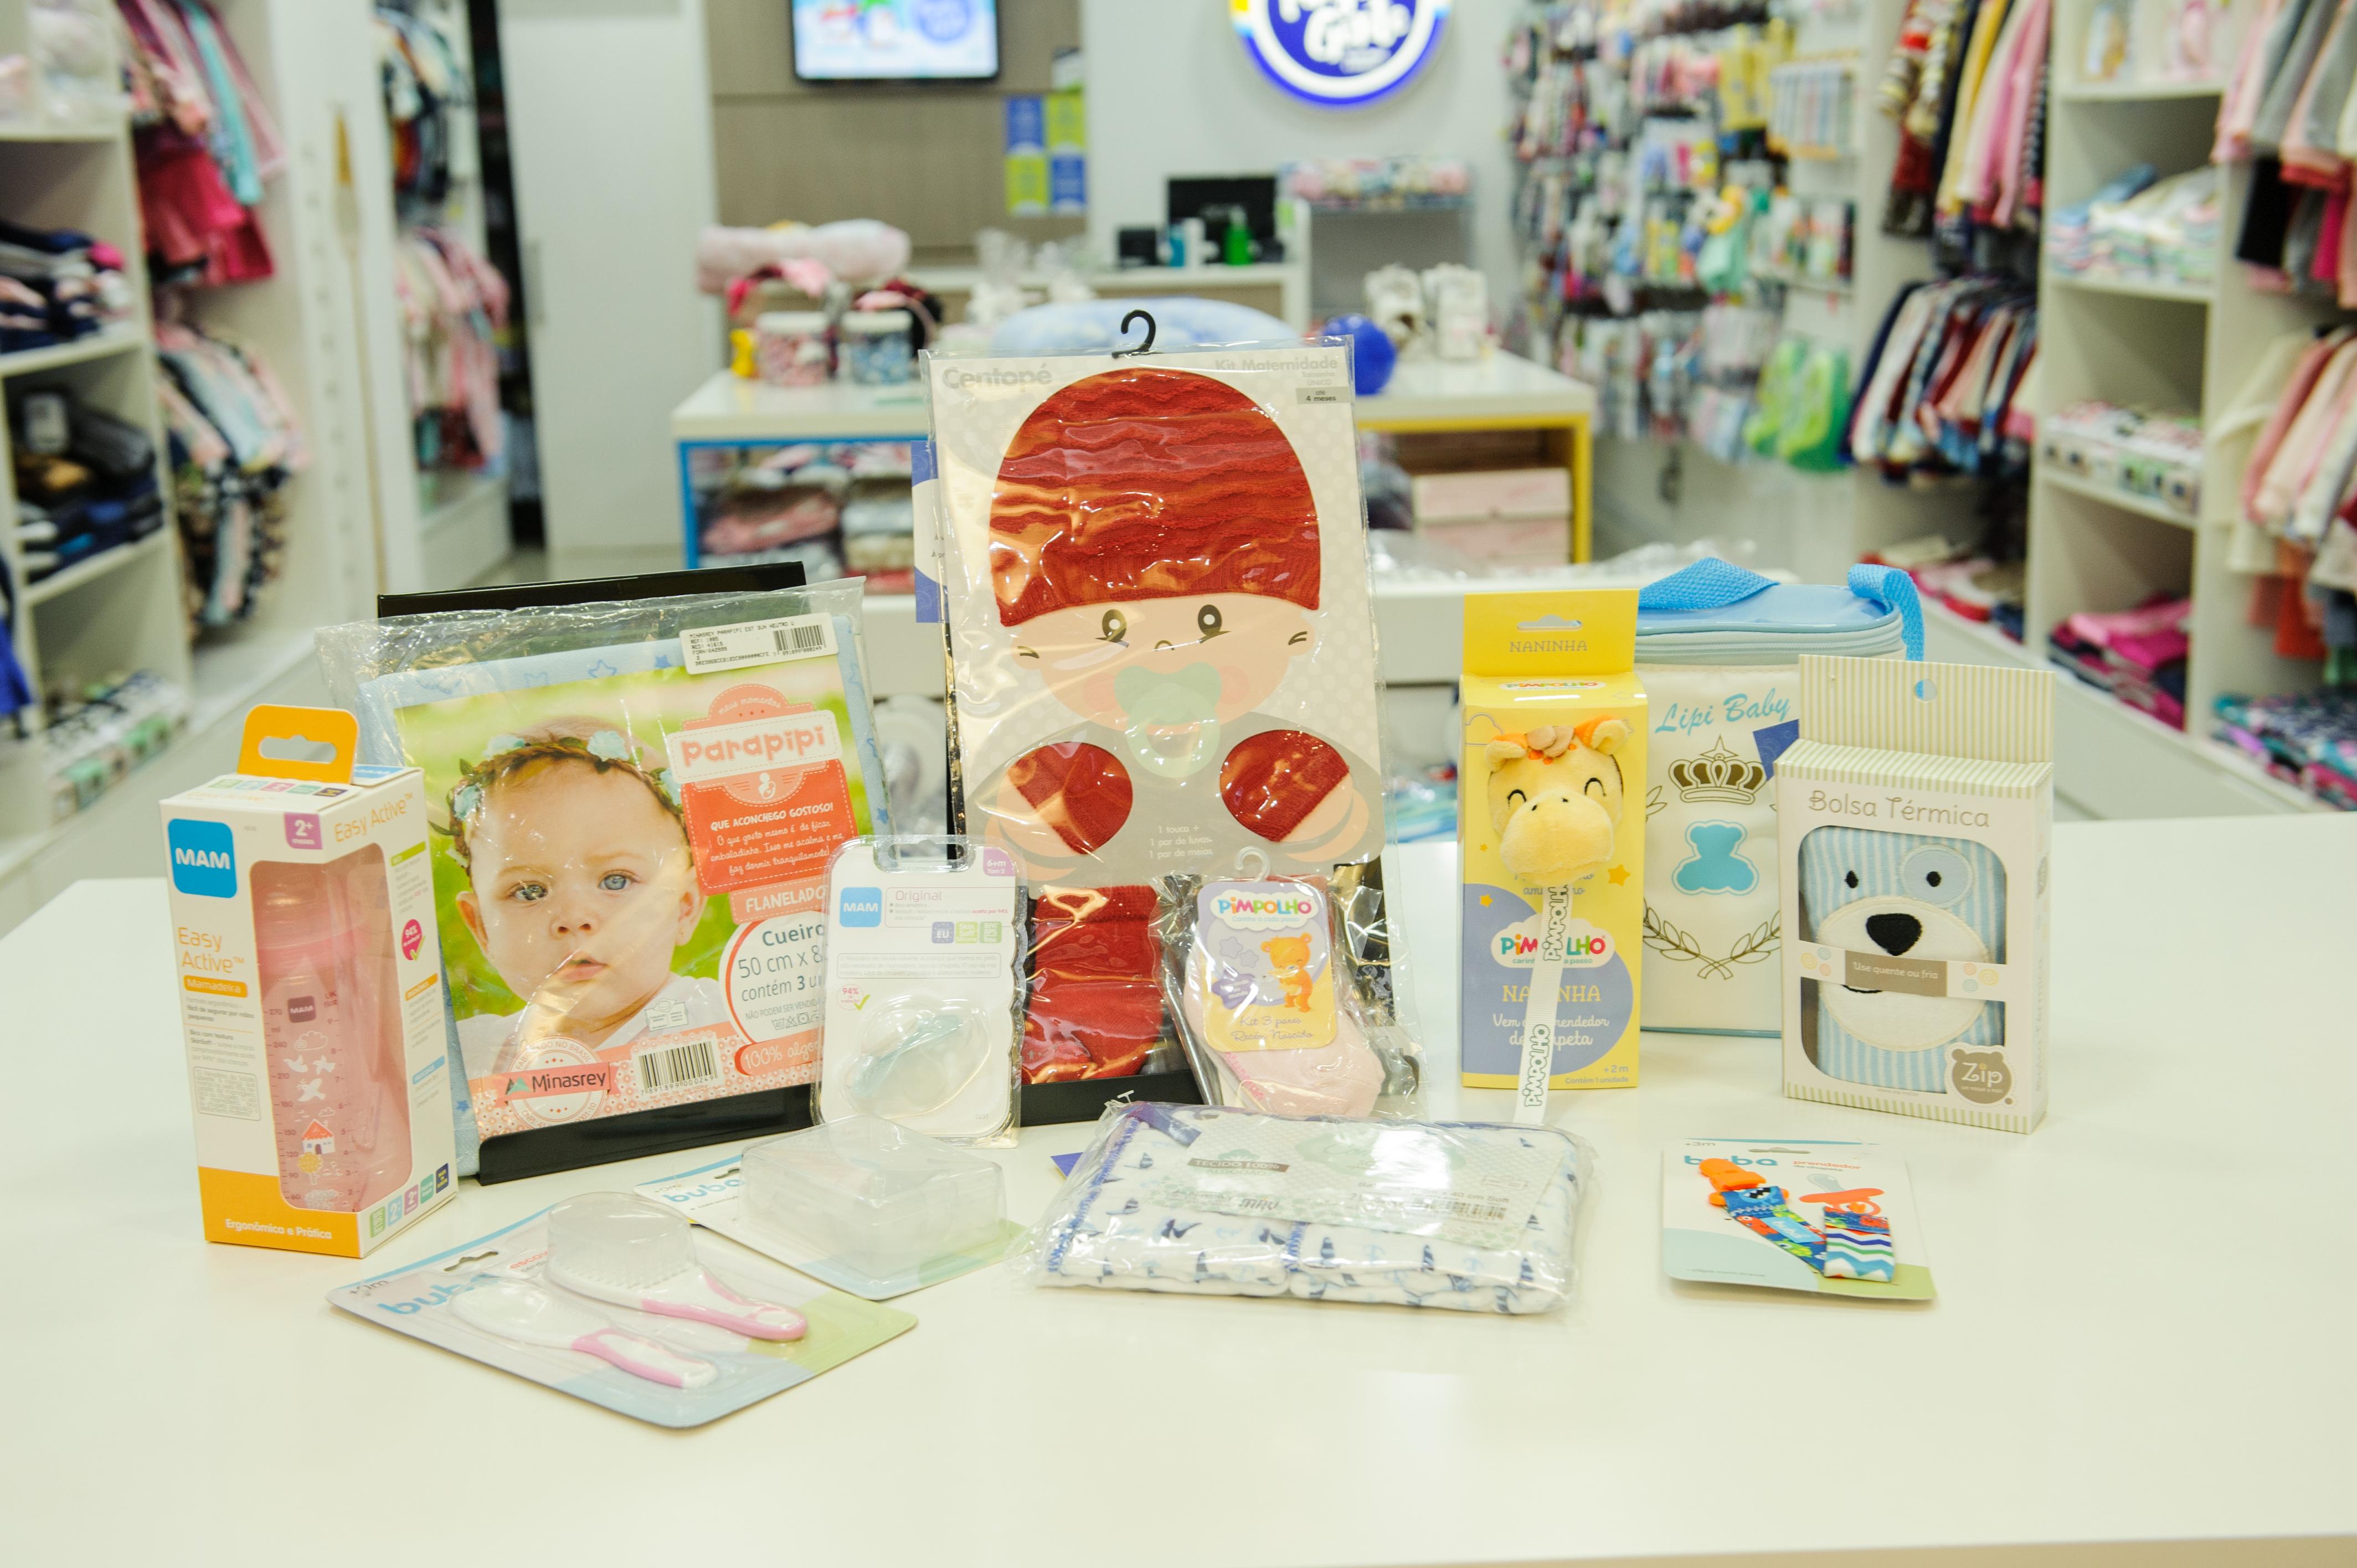 A imagem apresenta mamadeira, cueiro, chupeta, prendedor de chupeta, meia, naninha, bolsa térmica, escova de cabelo, meia e luvas para bebê.